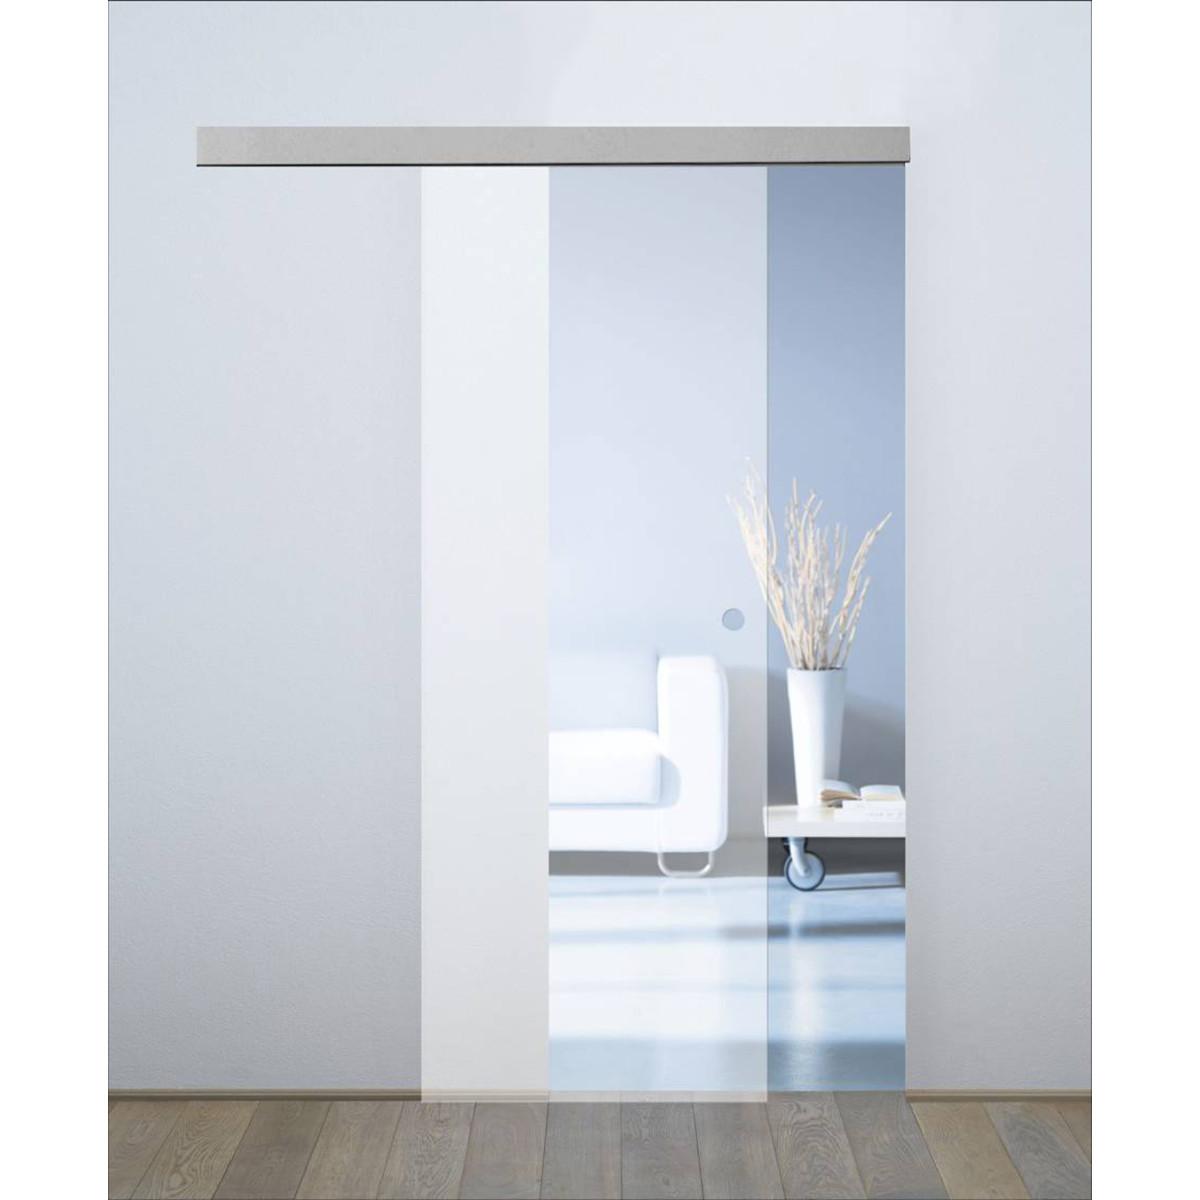 Abat jour camera da letto e lampadario - Porte interne in vetro scorrevoli ...